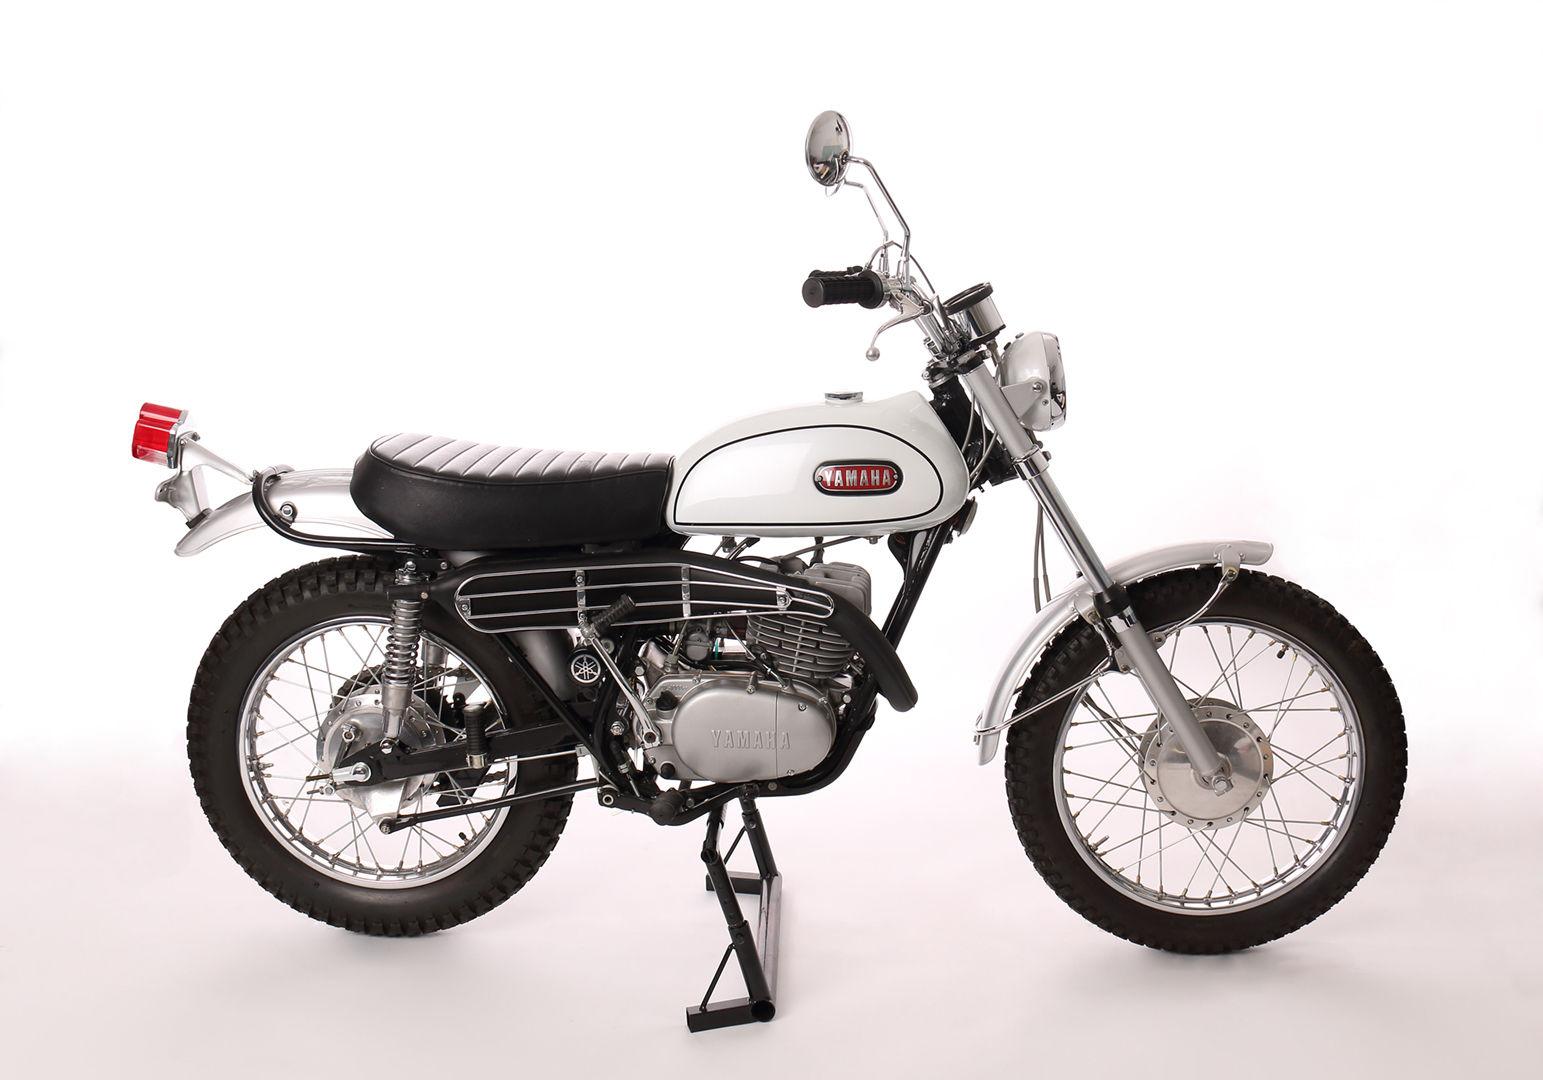 Yamaha Enduro Motorcycles Ebay